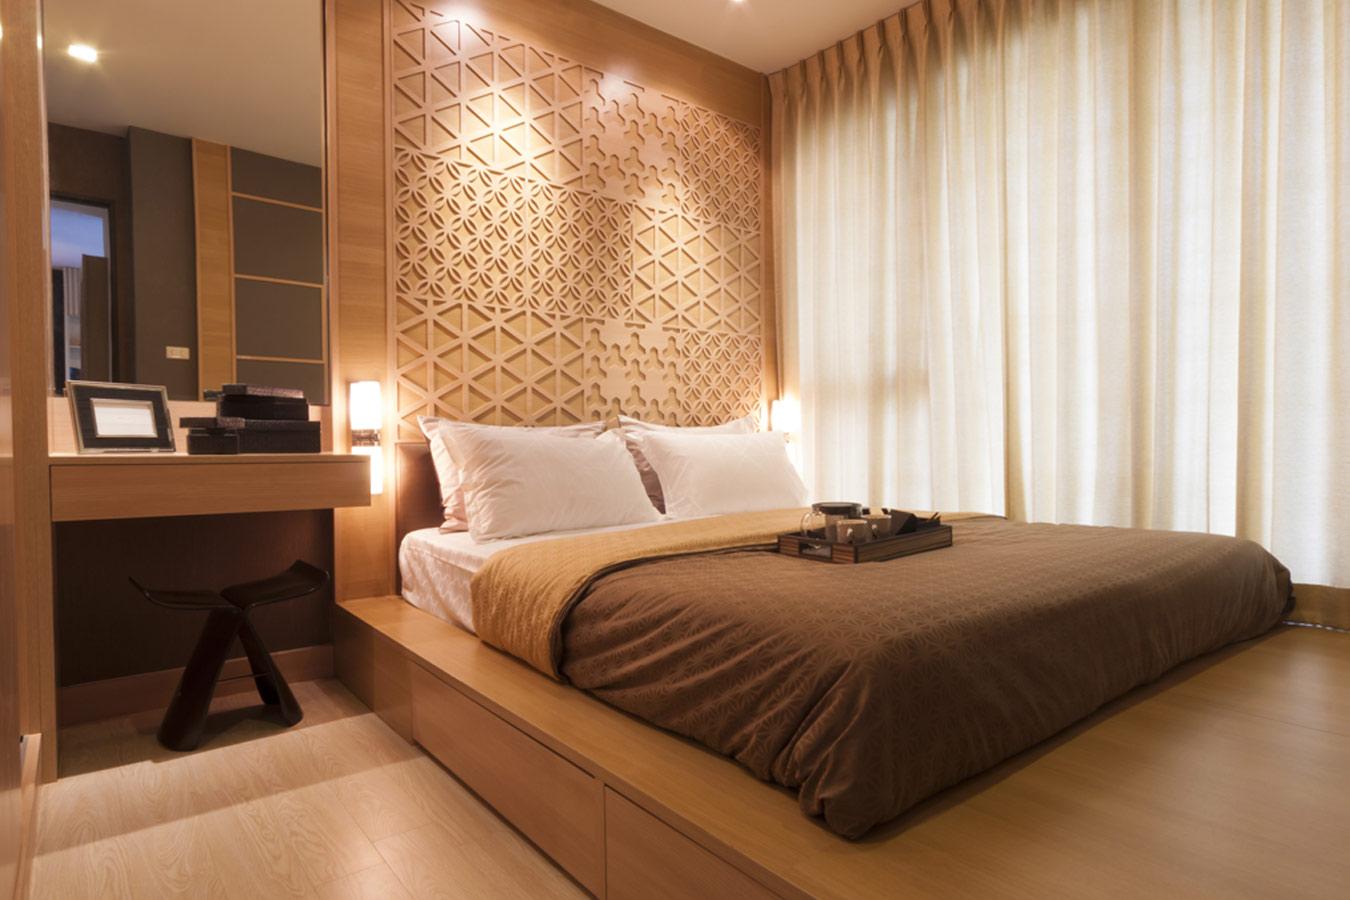 Warme Slaapkamer Ideeen.Landelijke Slaapkamer Ideeen Inspiratie